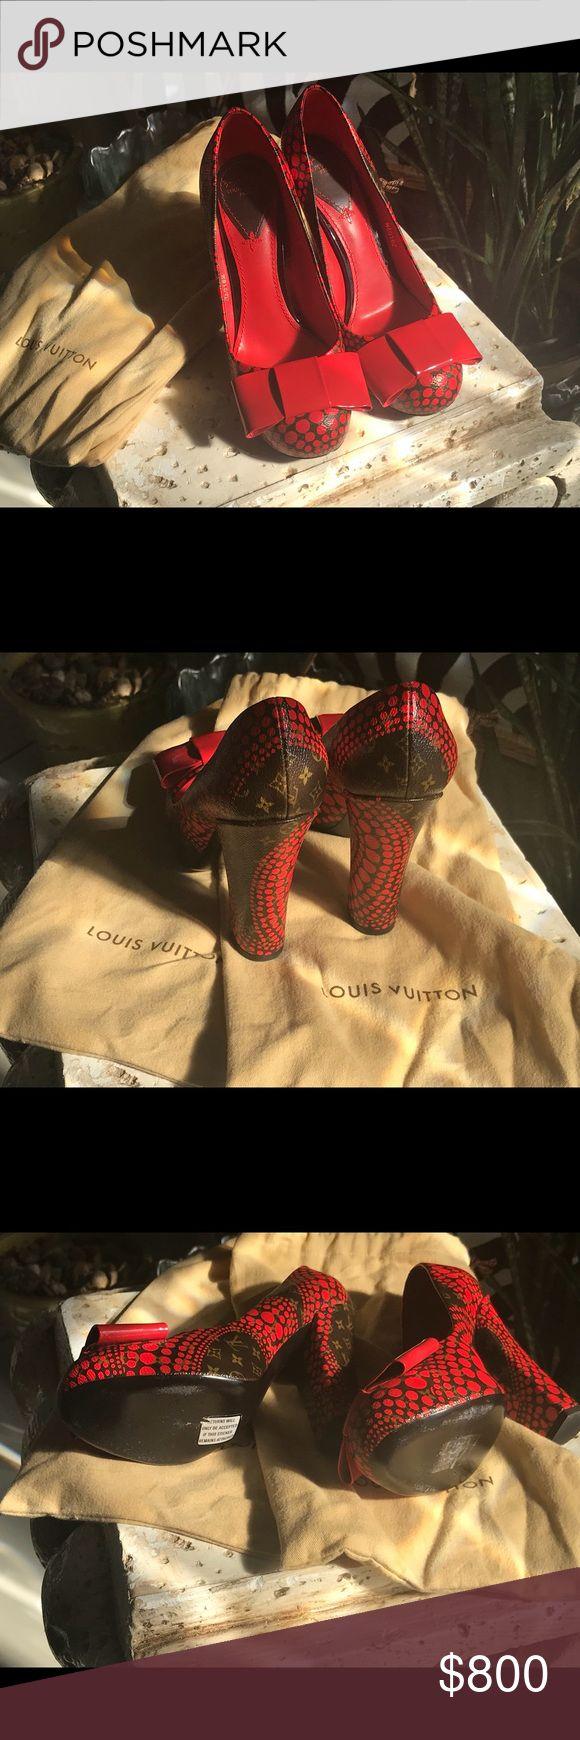 Louis Vuitton size61/2 Kusama monogram vernis dots Size 61/2 Louis Vuitton red/Black Kusama monogram verbiage dots infinity pump shoes Louis Vuitton Shoes Heels